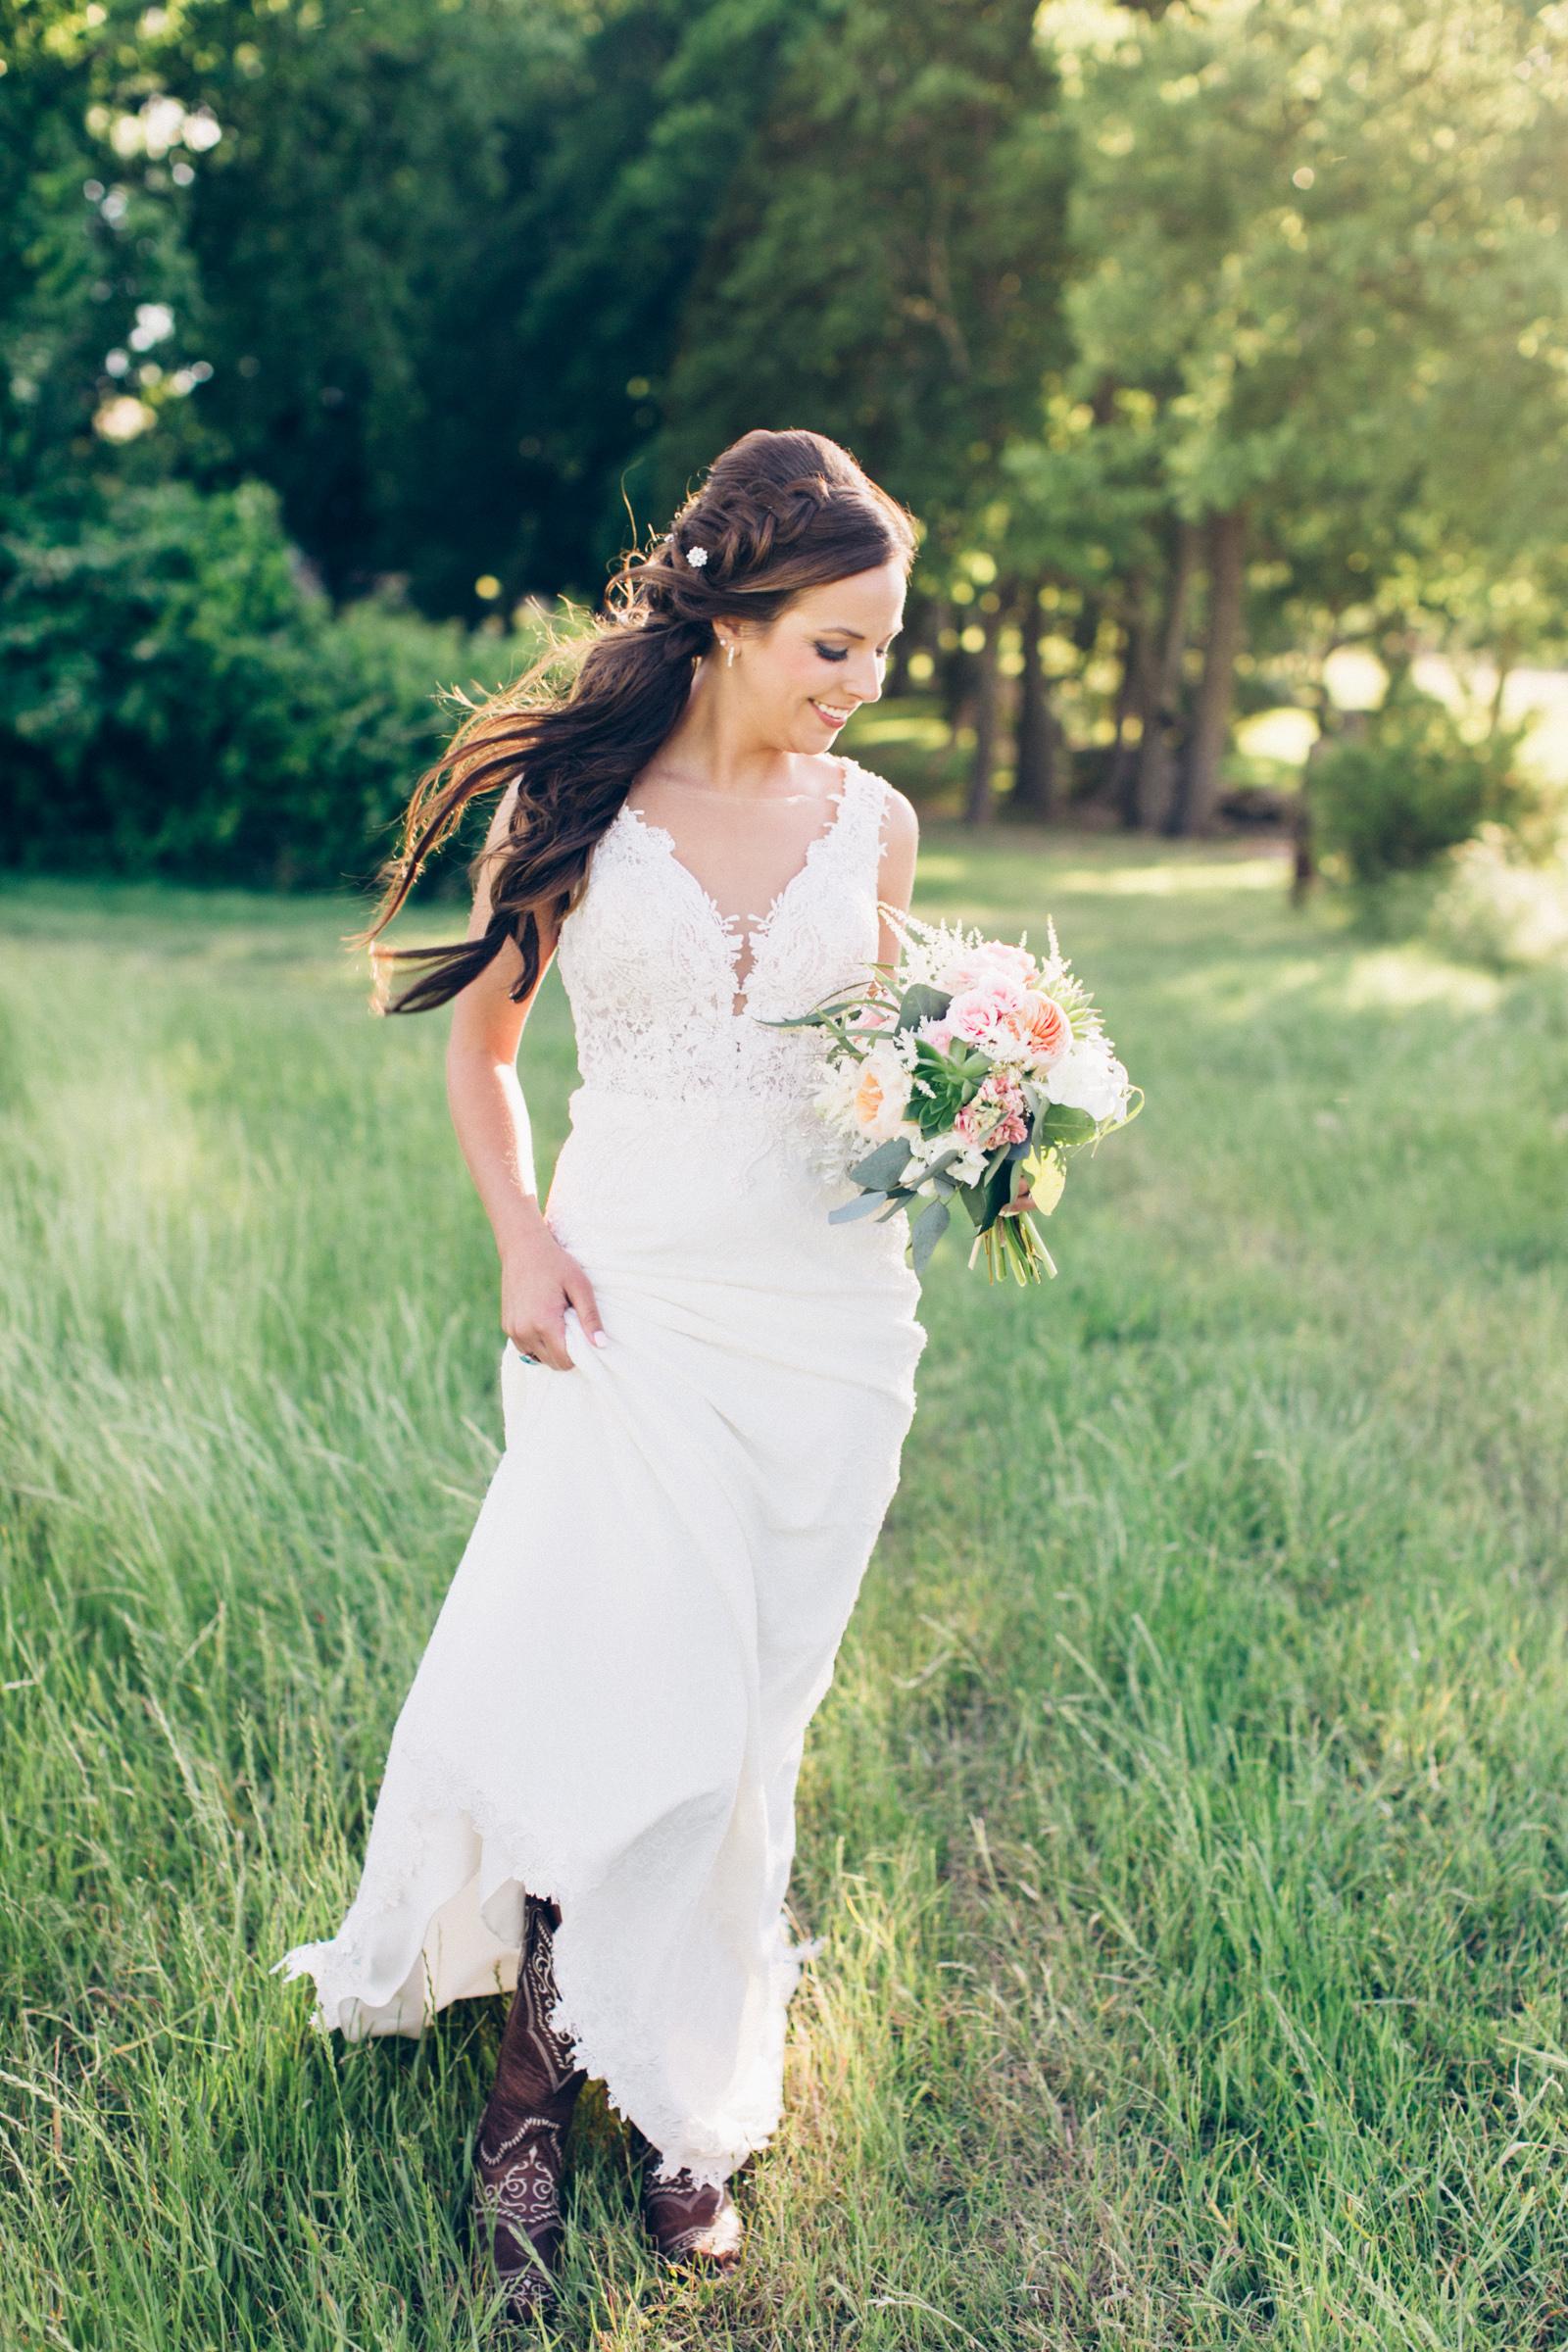 Kellen's Bridals